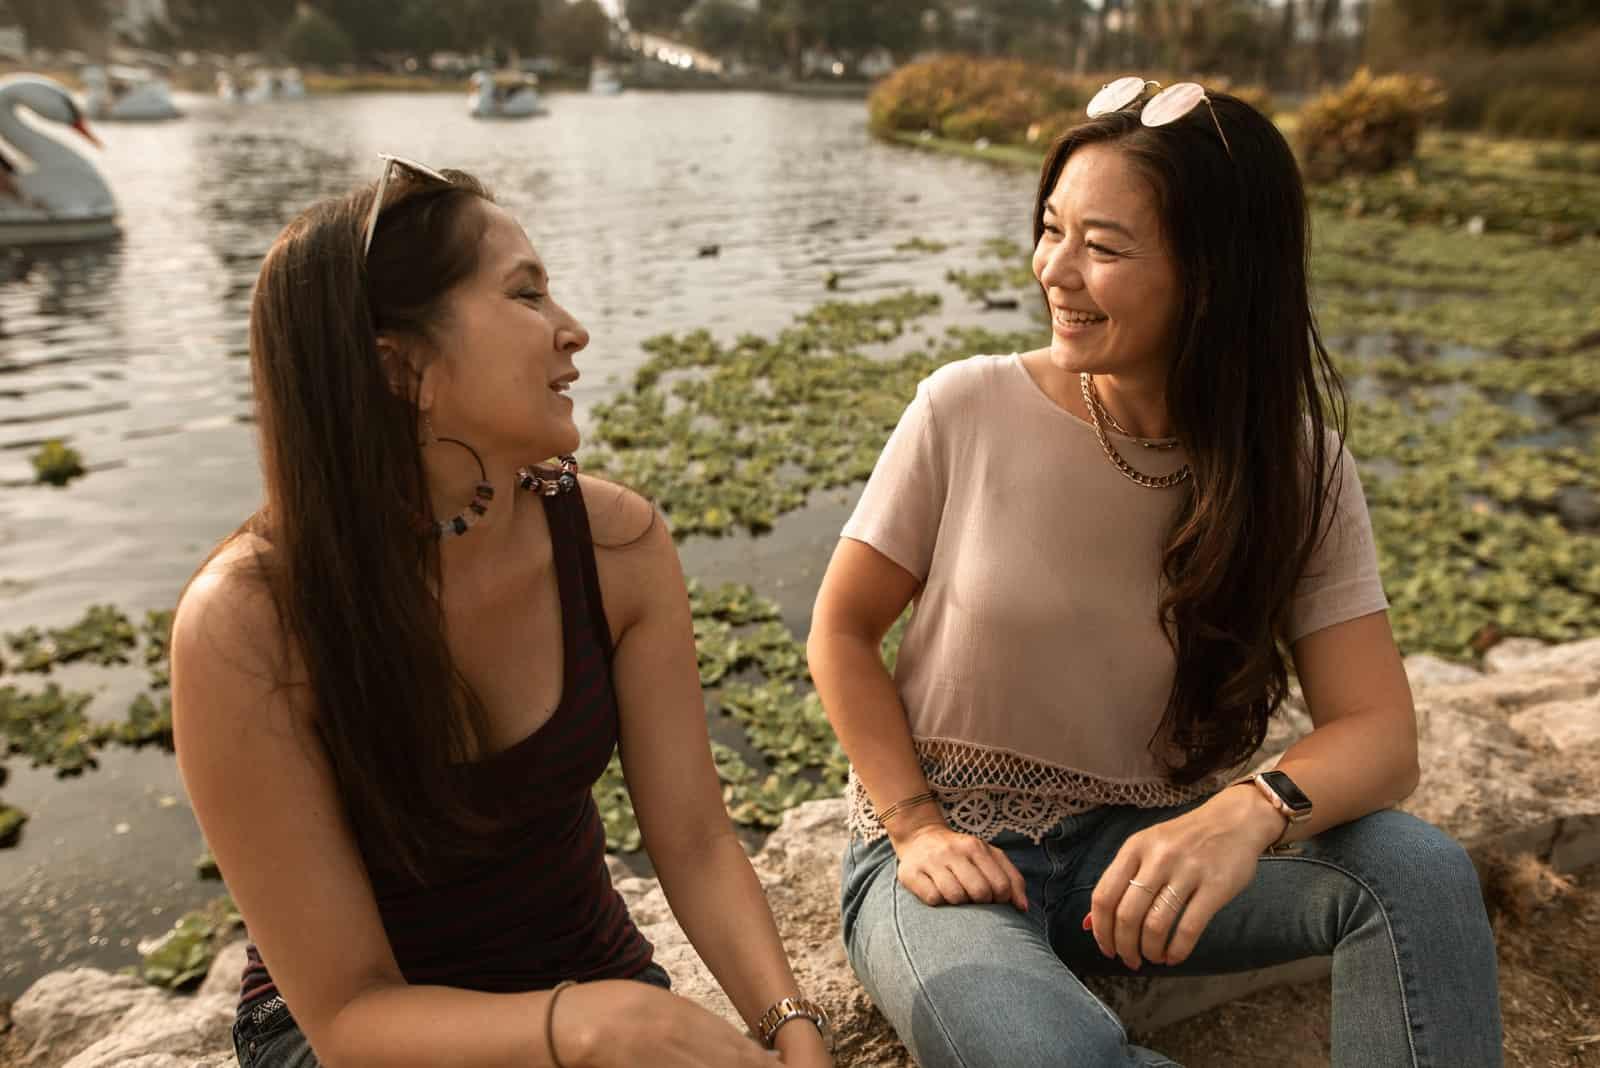 deux femmes discutant assises près de l'eau